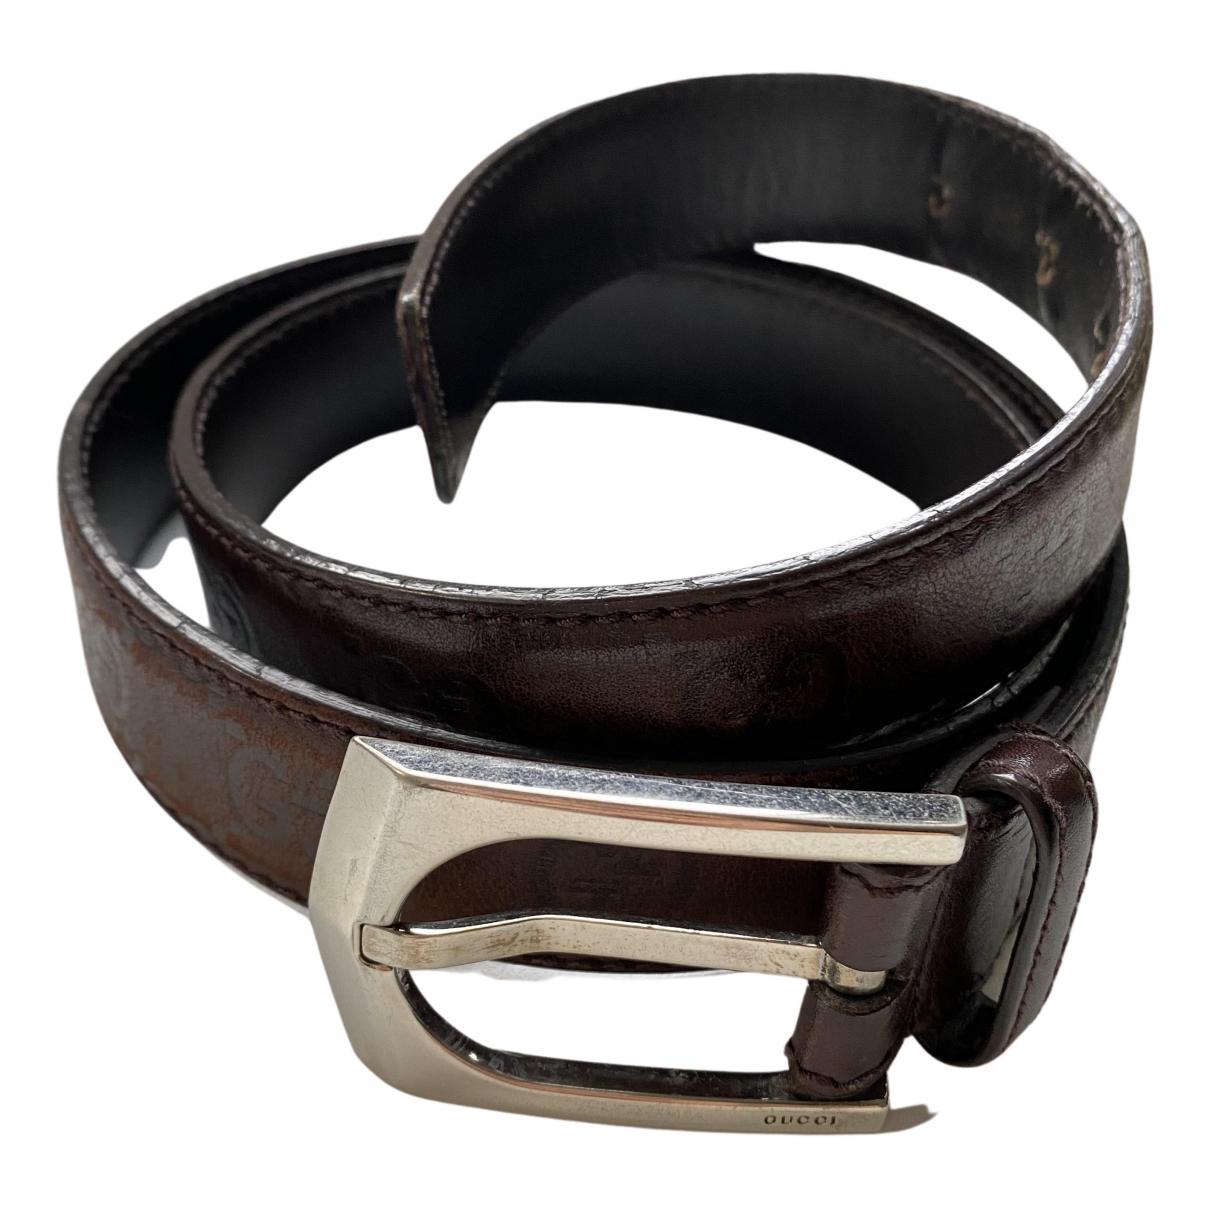 Cinturon de Cuero Gucci